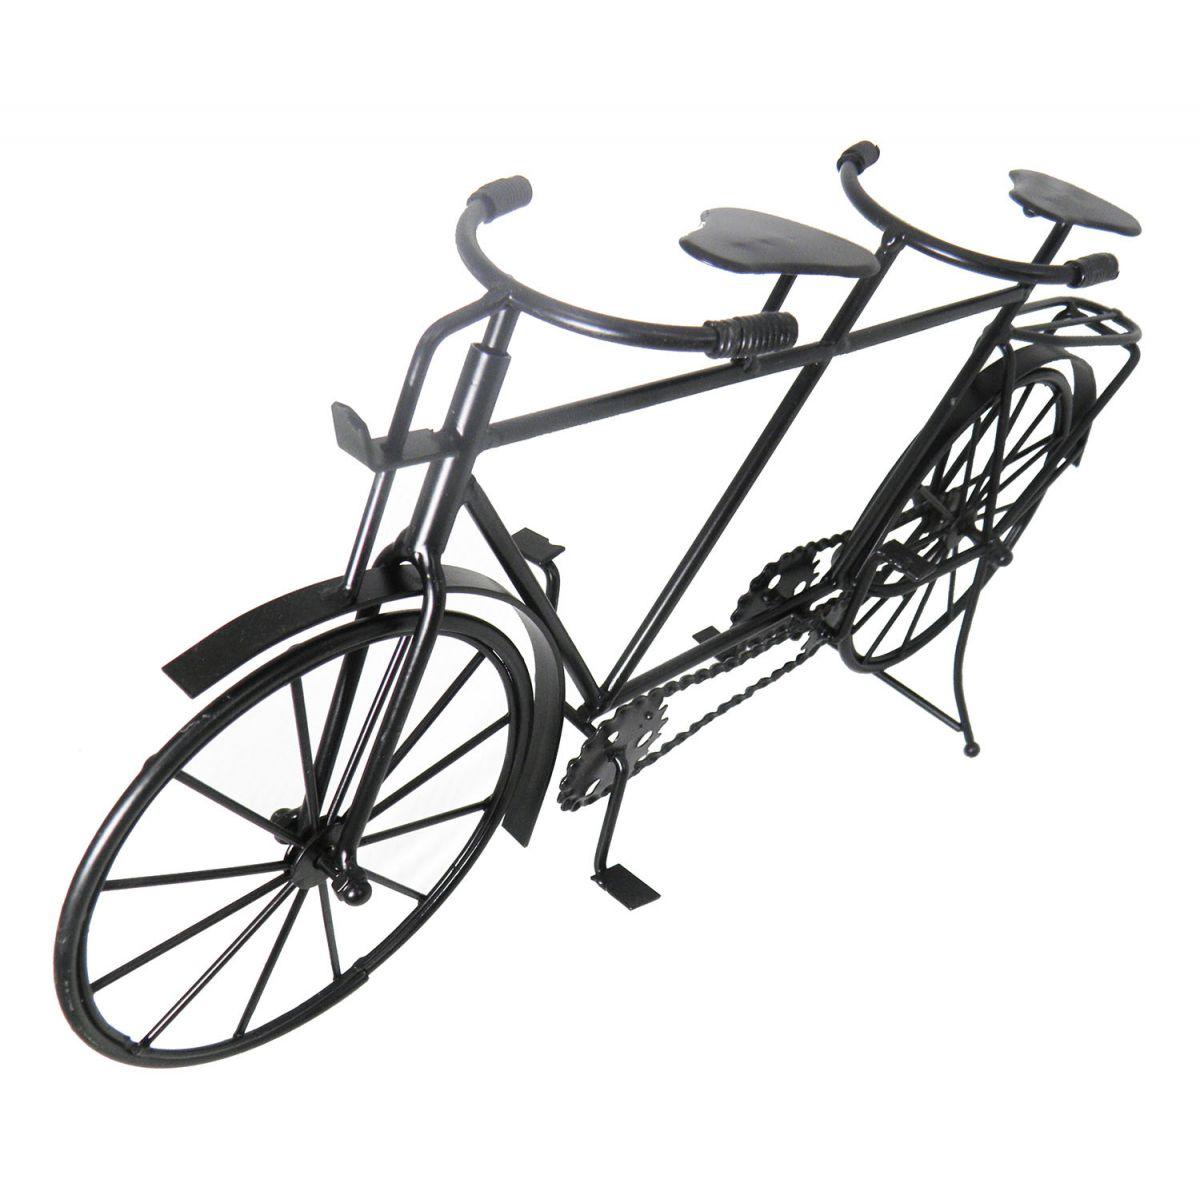 Bicicleta Mini Ferro Vintage Retro 2 Pedal Mesa 42cm Preto (rel 35  #5B5E70 1200x1200 Balança Digital Para Banheiro Ponto Frio